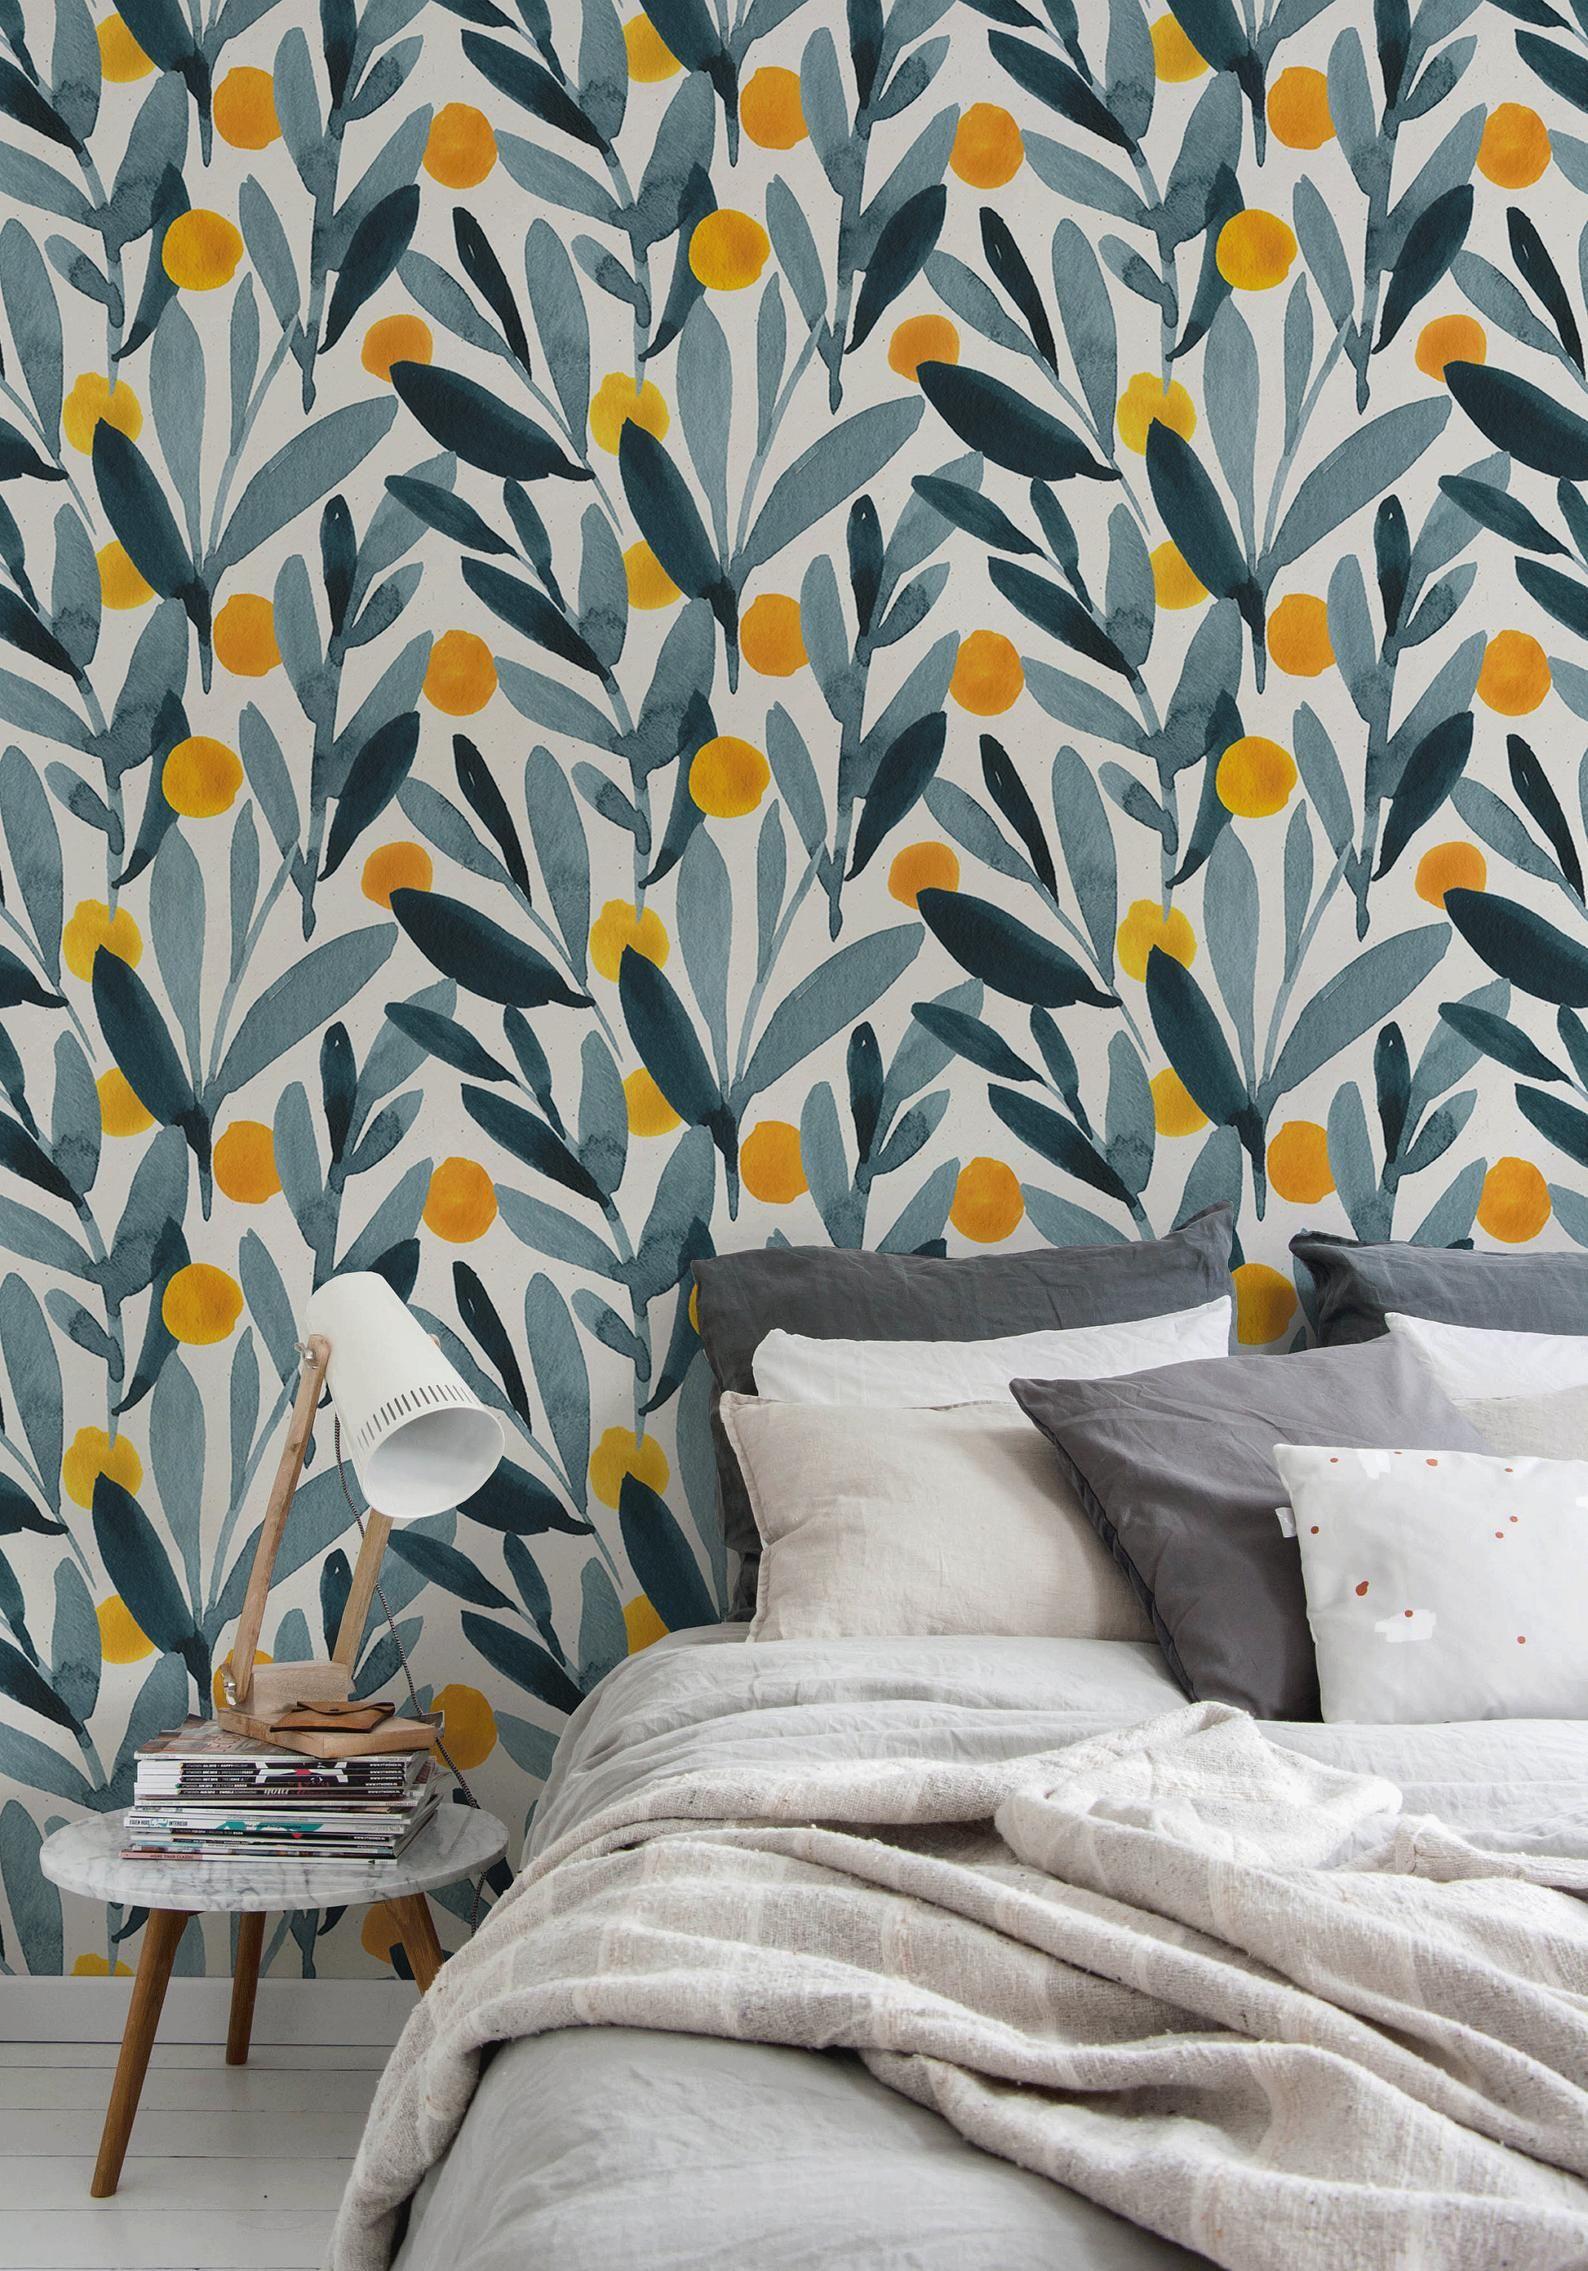 Removable Wallpaper Scandinavian Wallpaper Temporary Etsy Scandinavian Wallpaper Removable Wallpaper Temporary Wallpaper